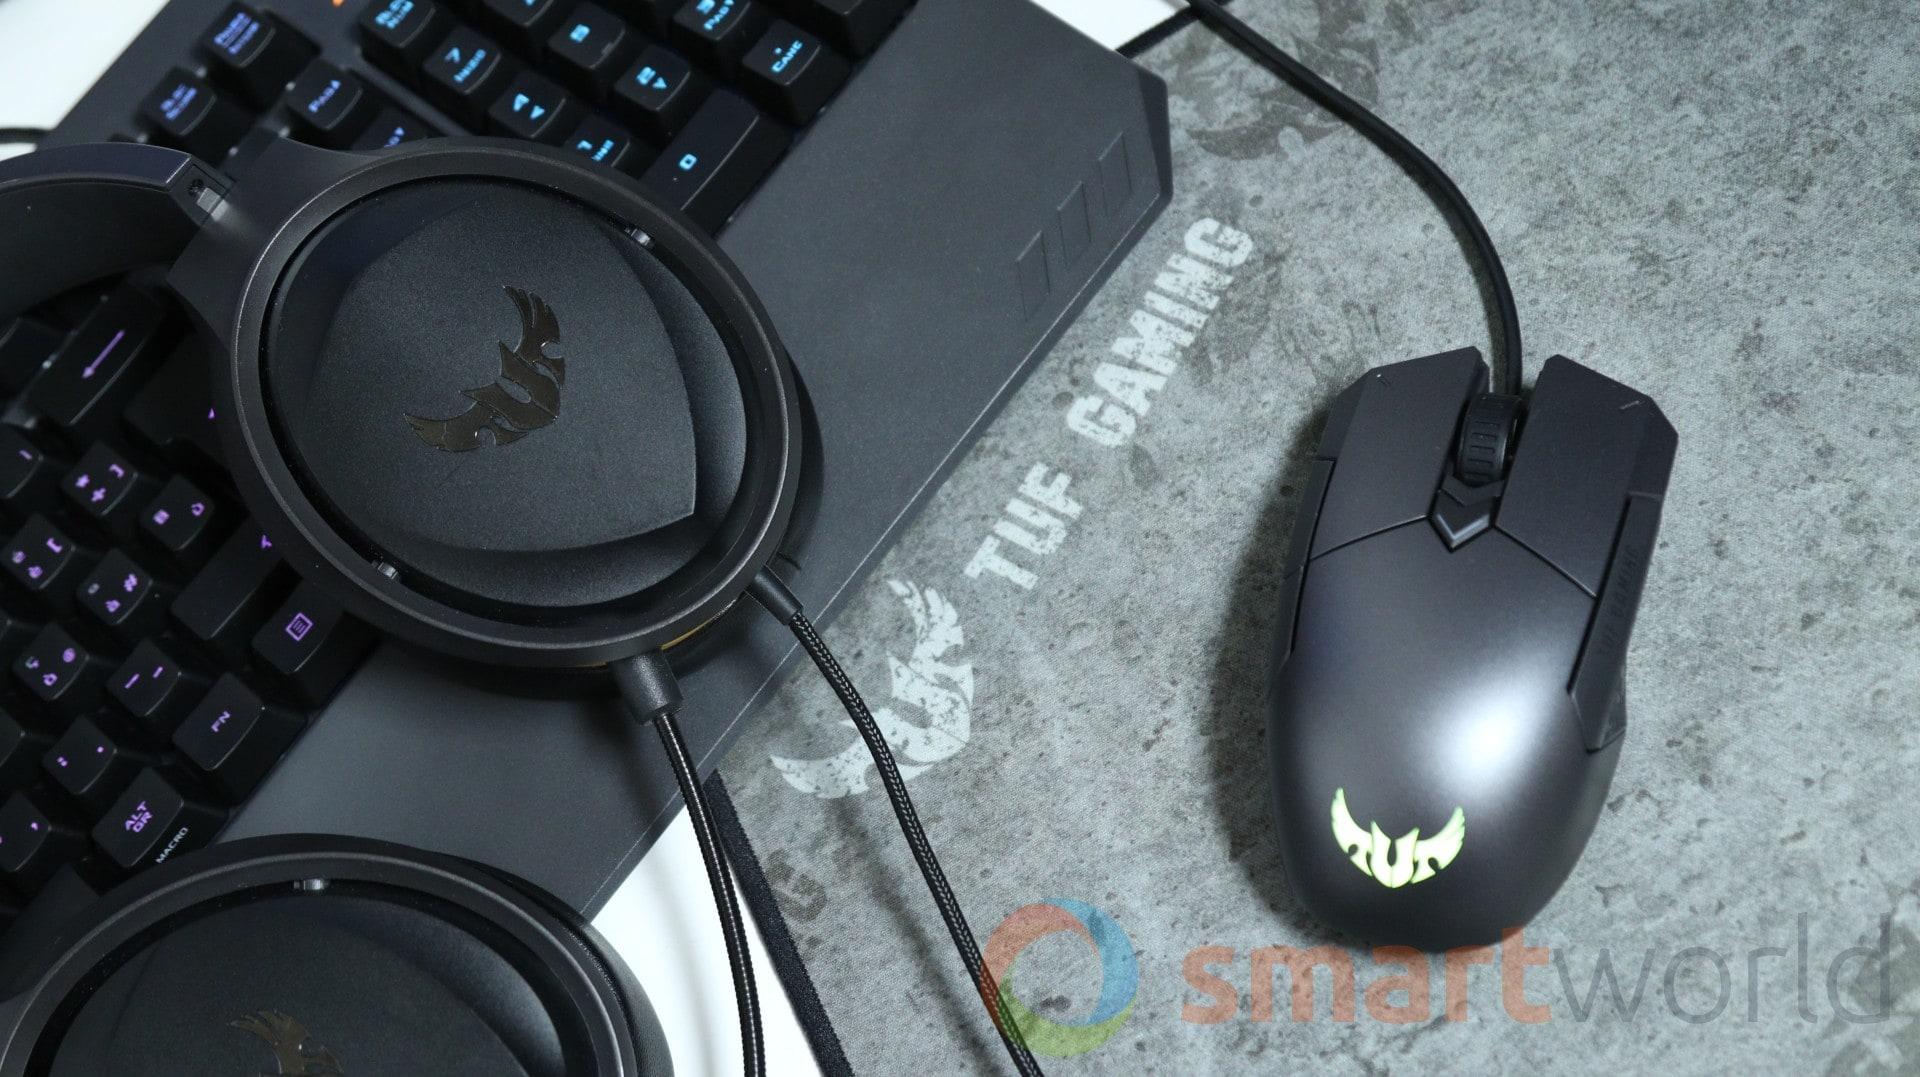 Recensione ASUS TUF Gaming M5 K5 H5 P3 1